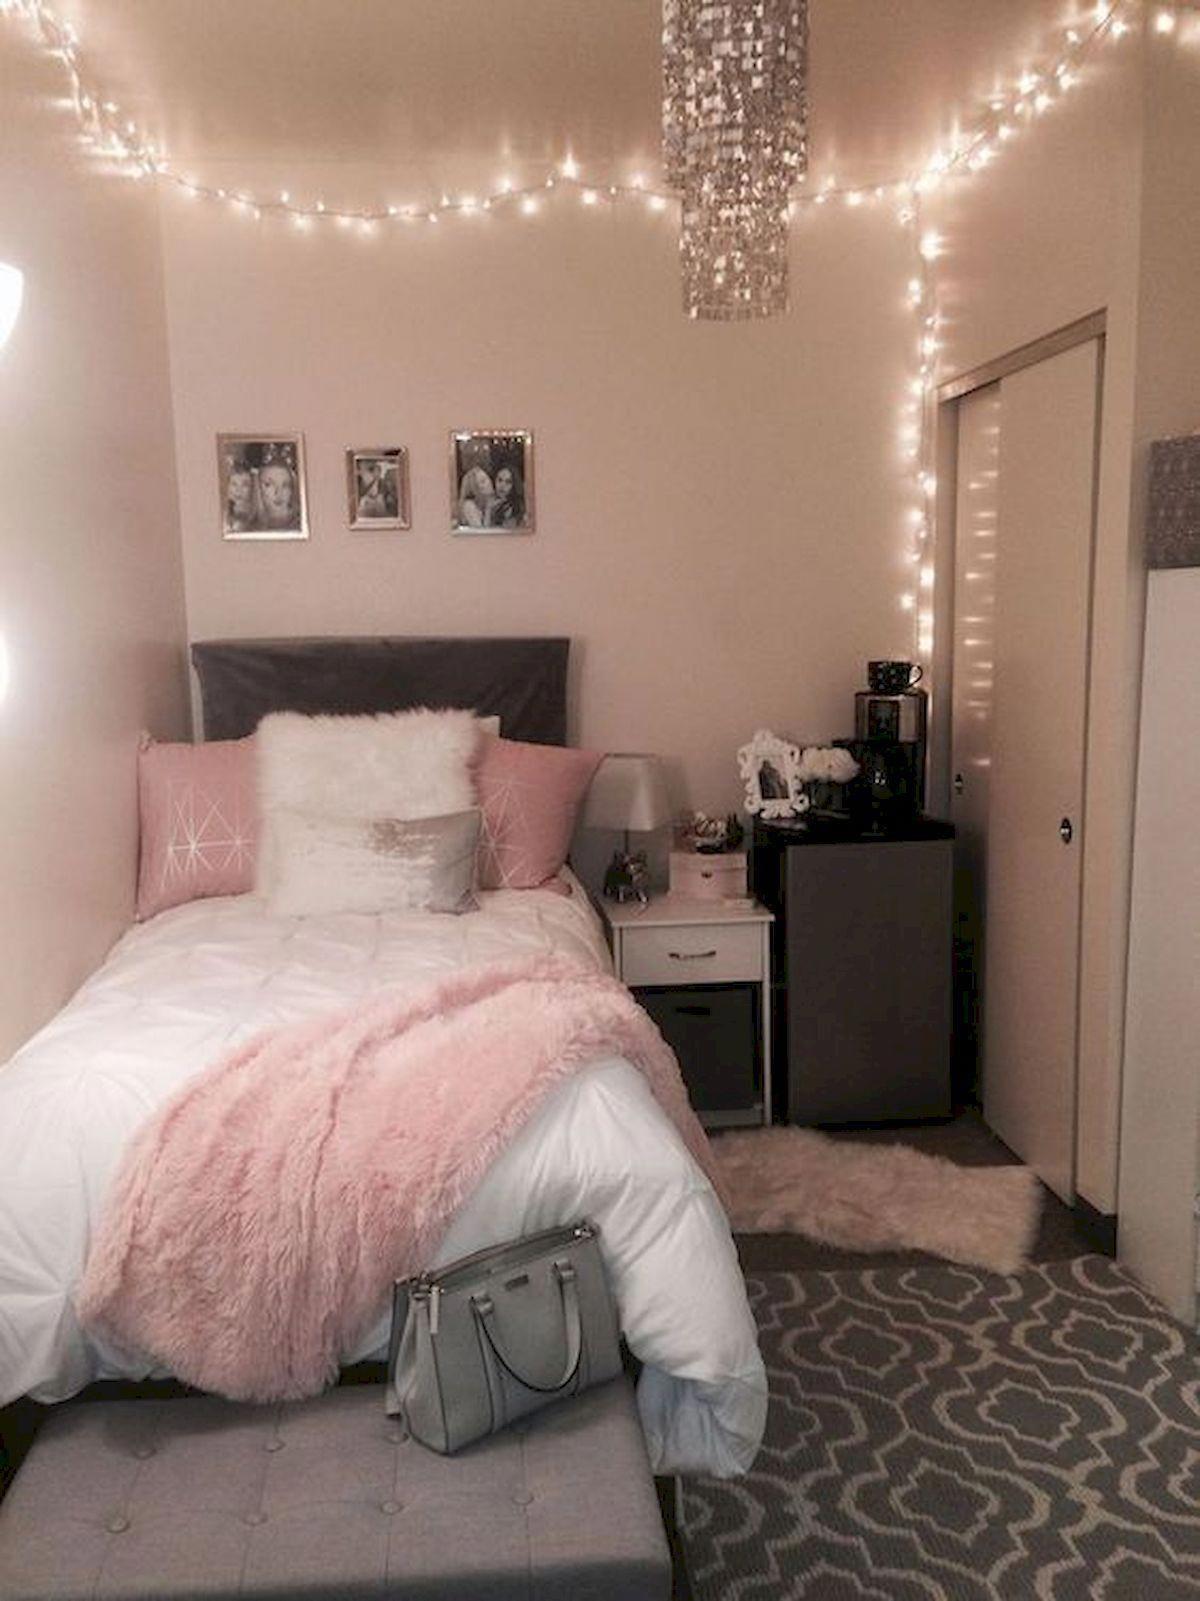 58 Small Scandinavian Bedroom Ideas In 2020 Small Bedroom Small